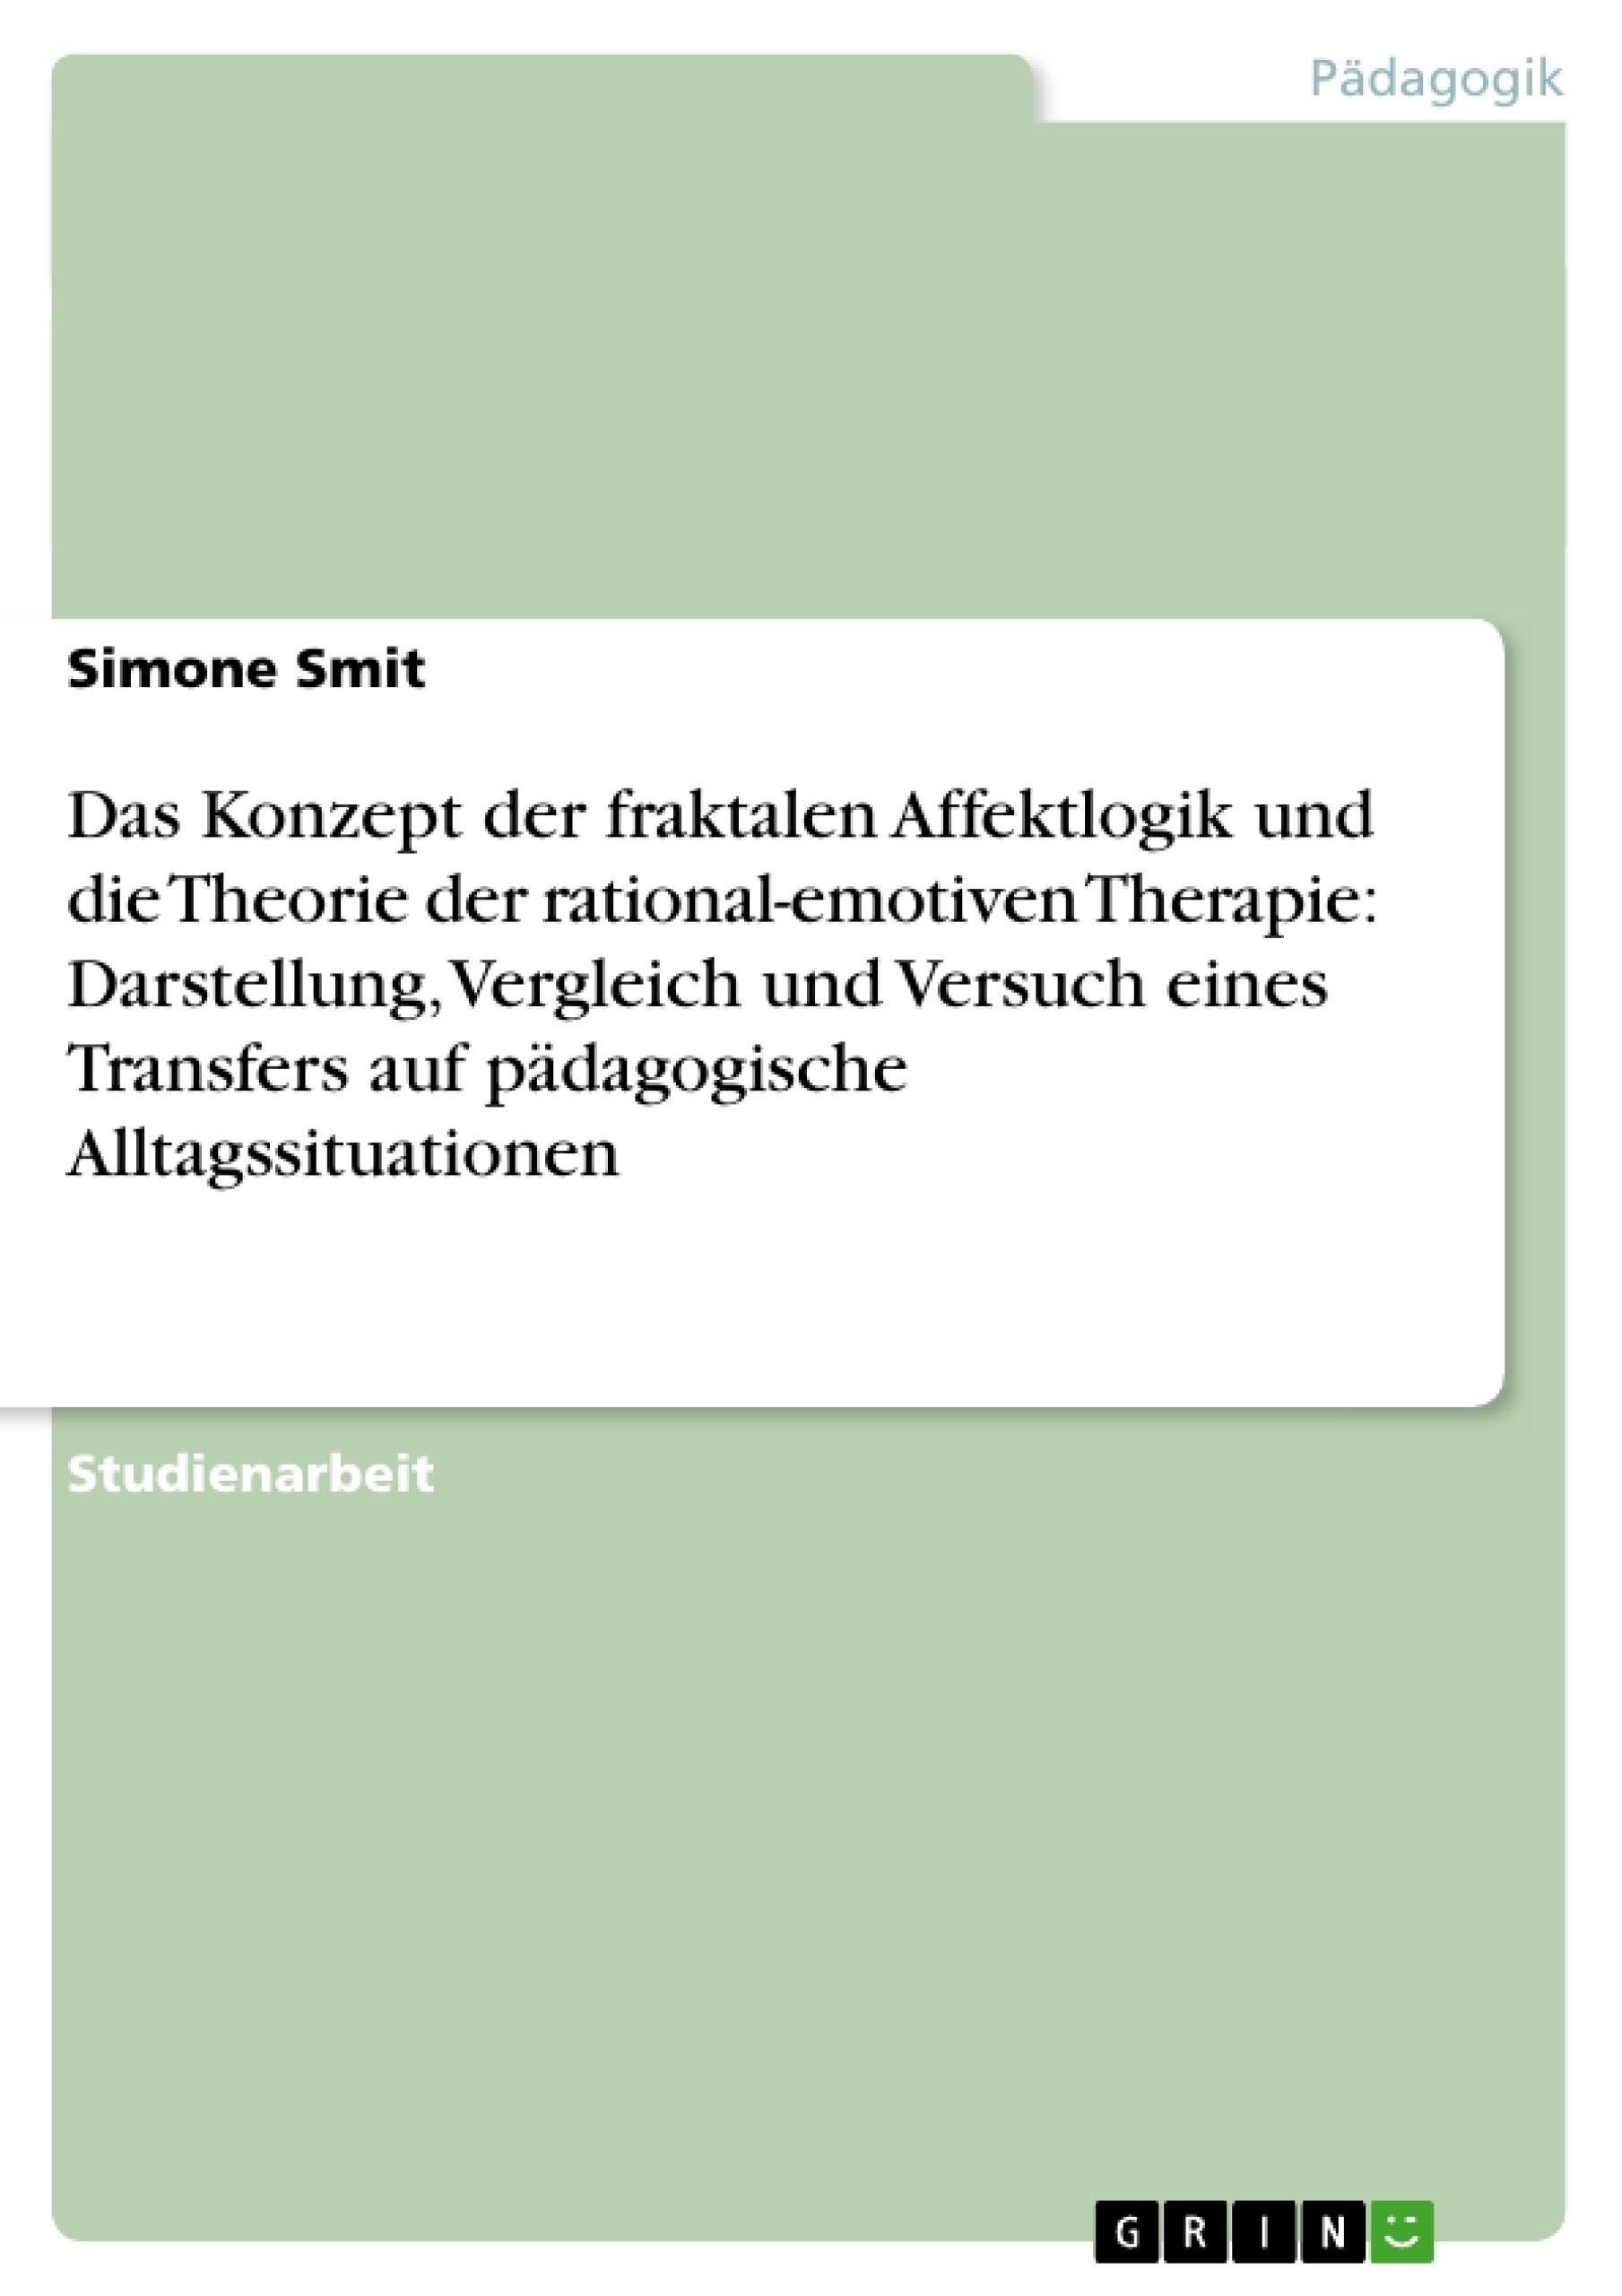 Titel: Das Konzept der fraktalen Affektlogik und die Theorie der rational-emotiven Therapie: Darstellung, Vergleich und Versuch eines Transfers auf pädagogische Alltagssituationen